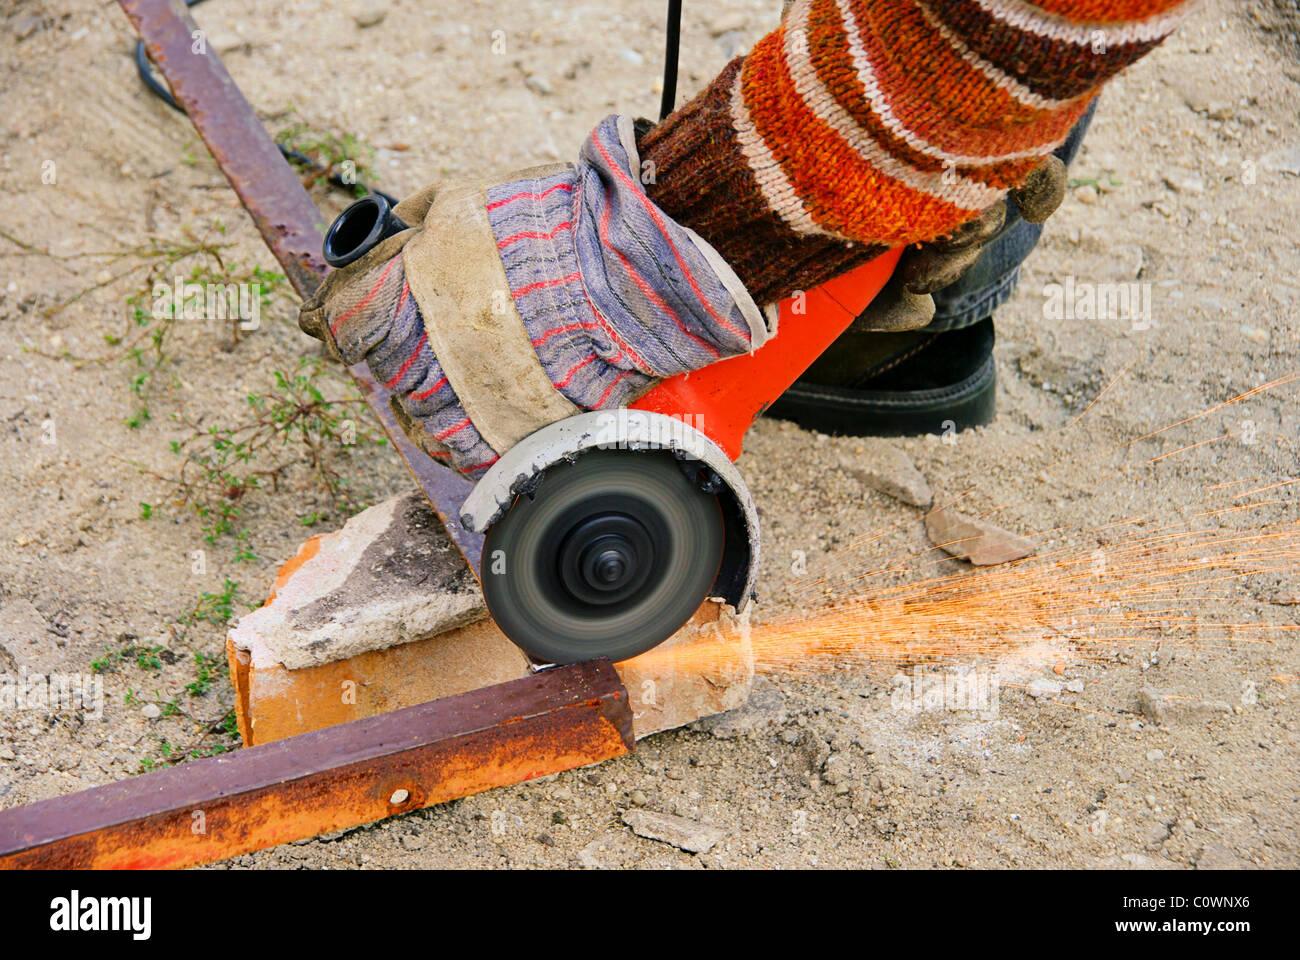 Winkelschleifer - angle grinder 06 - Stock Image